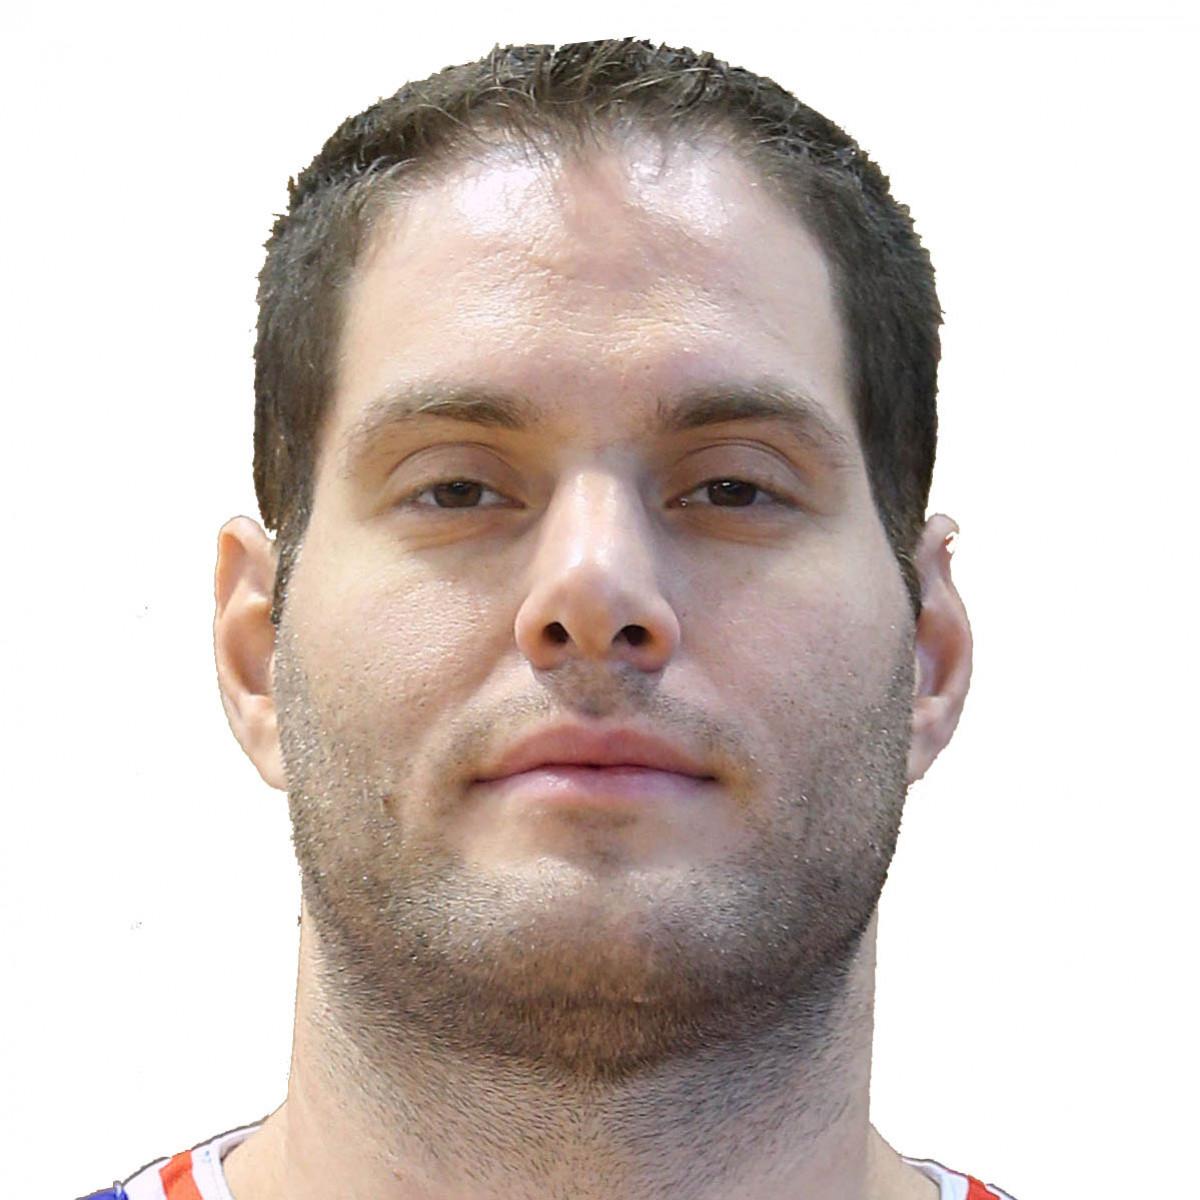 Savvas Tzougarakis